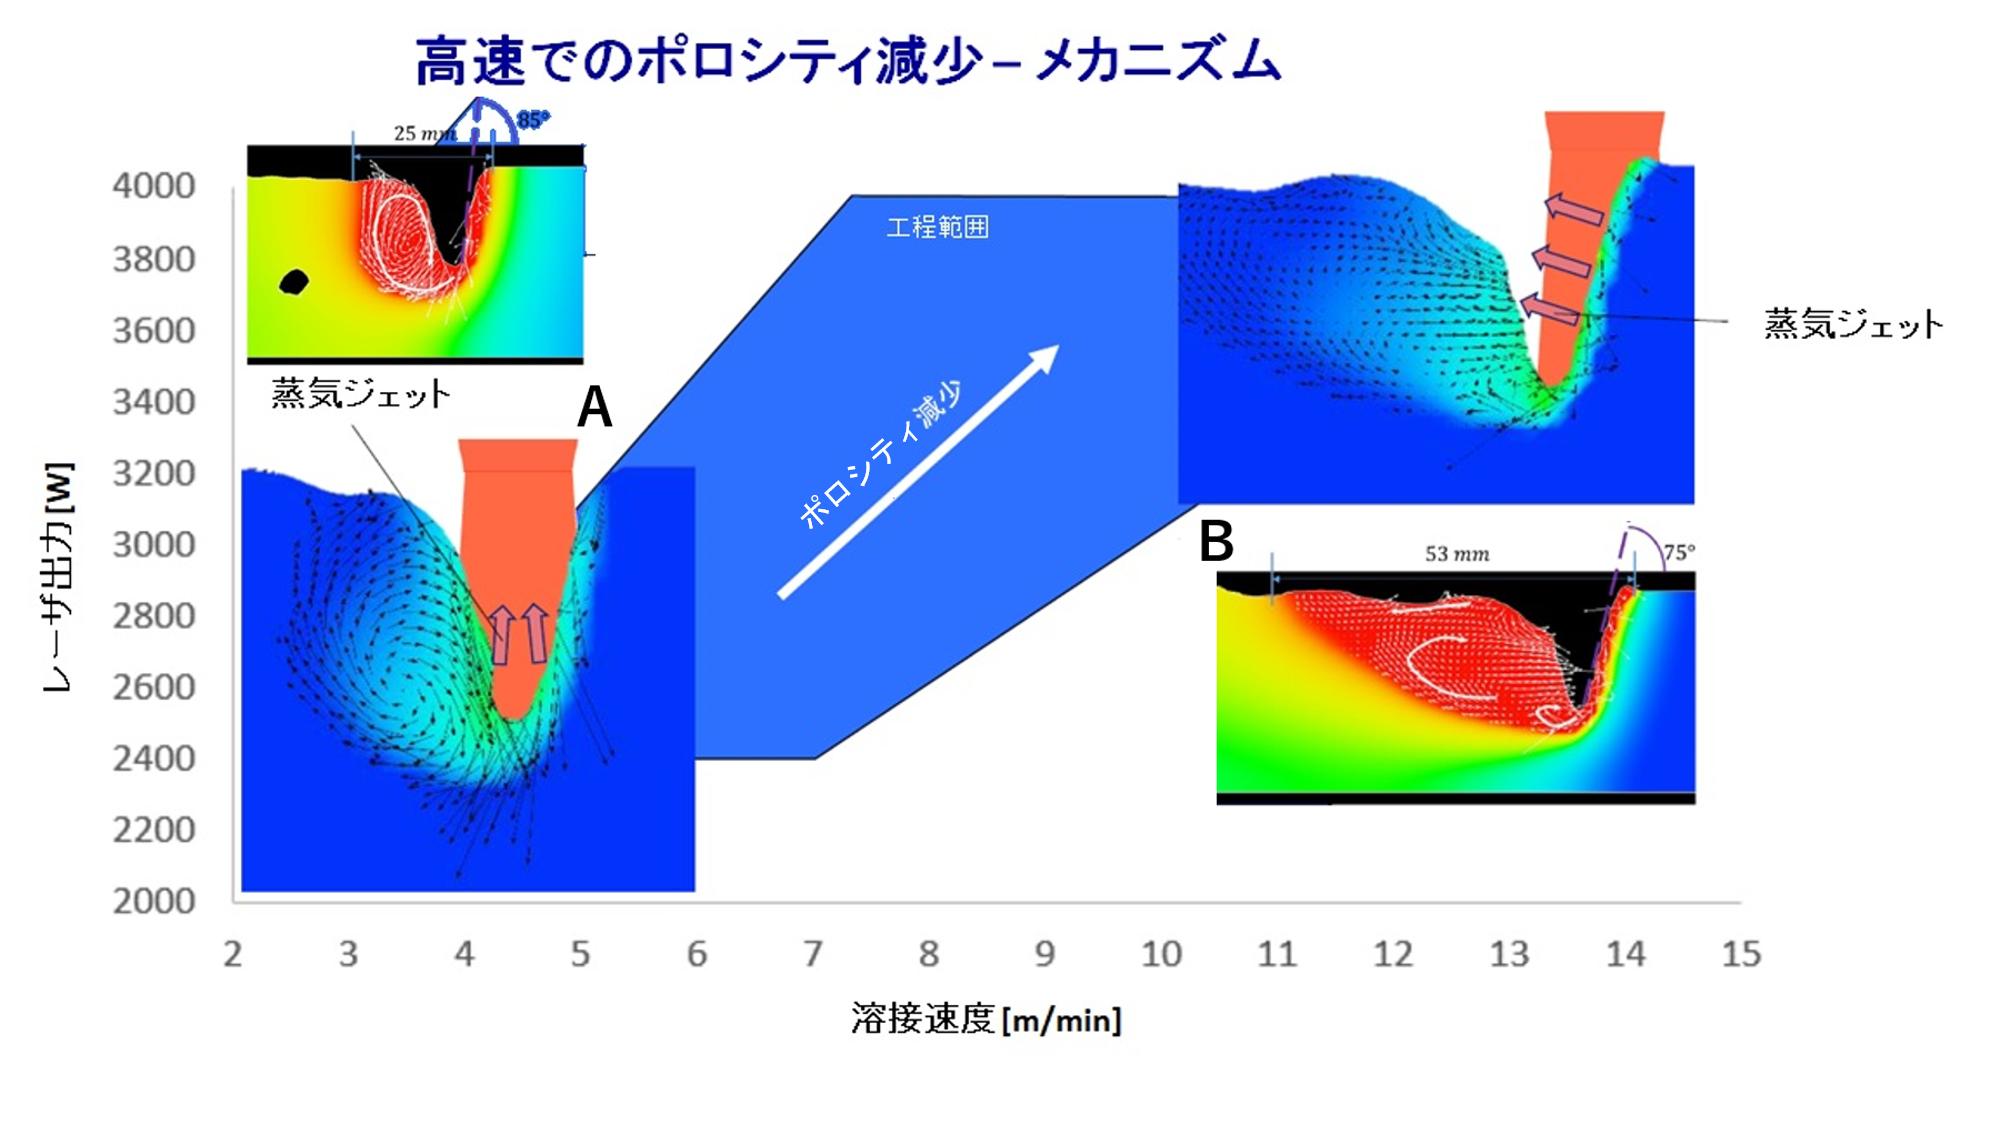 溶接接合_オシレーションレーザ溶接_高速でのポロシティ現象メカニズム